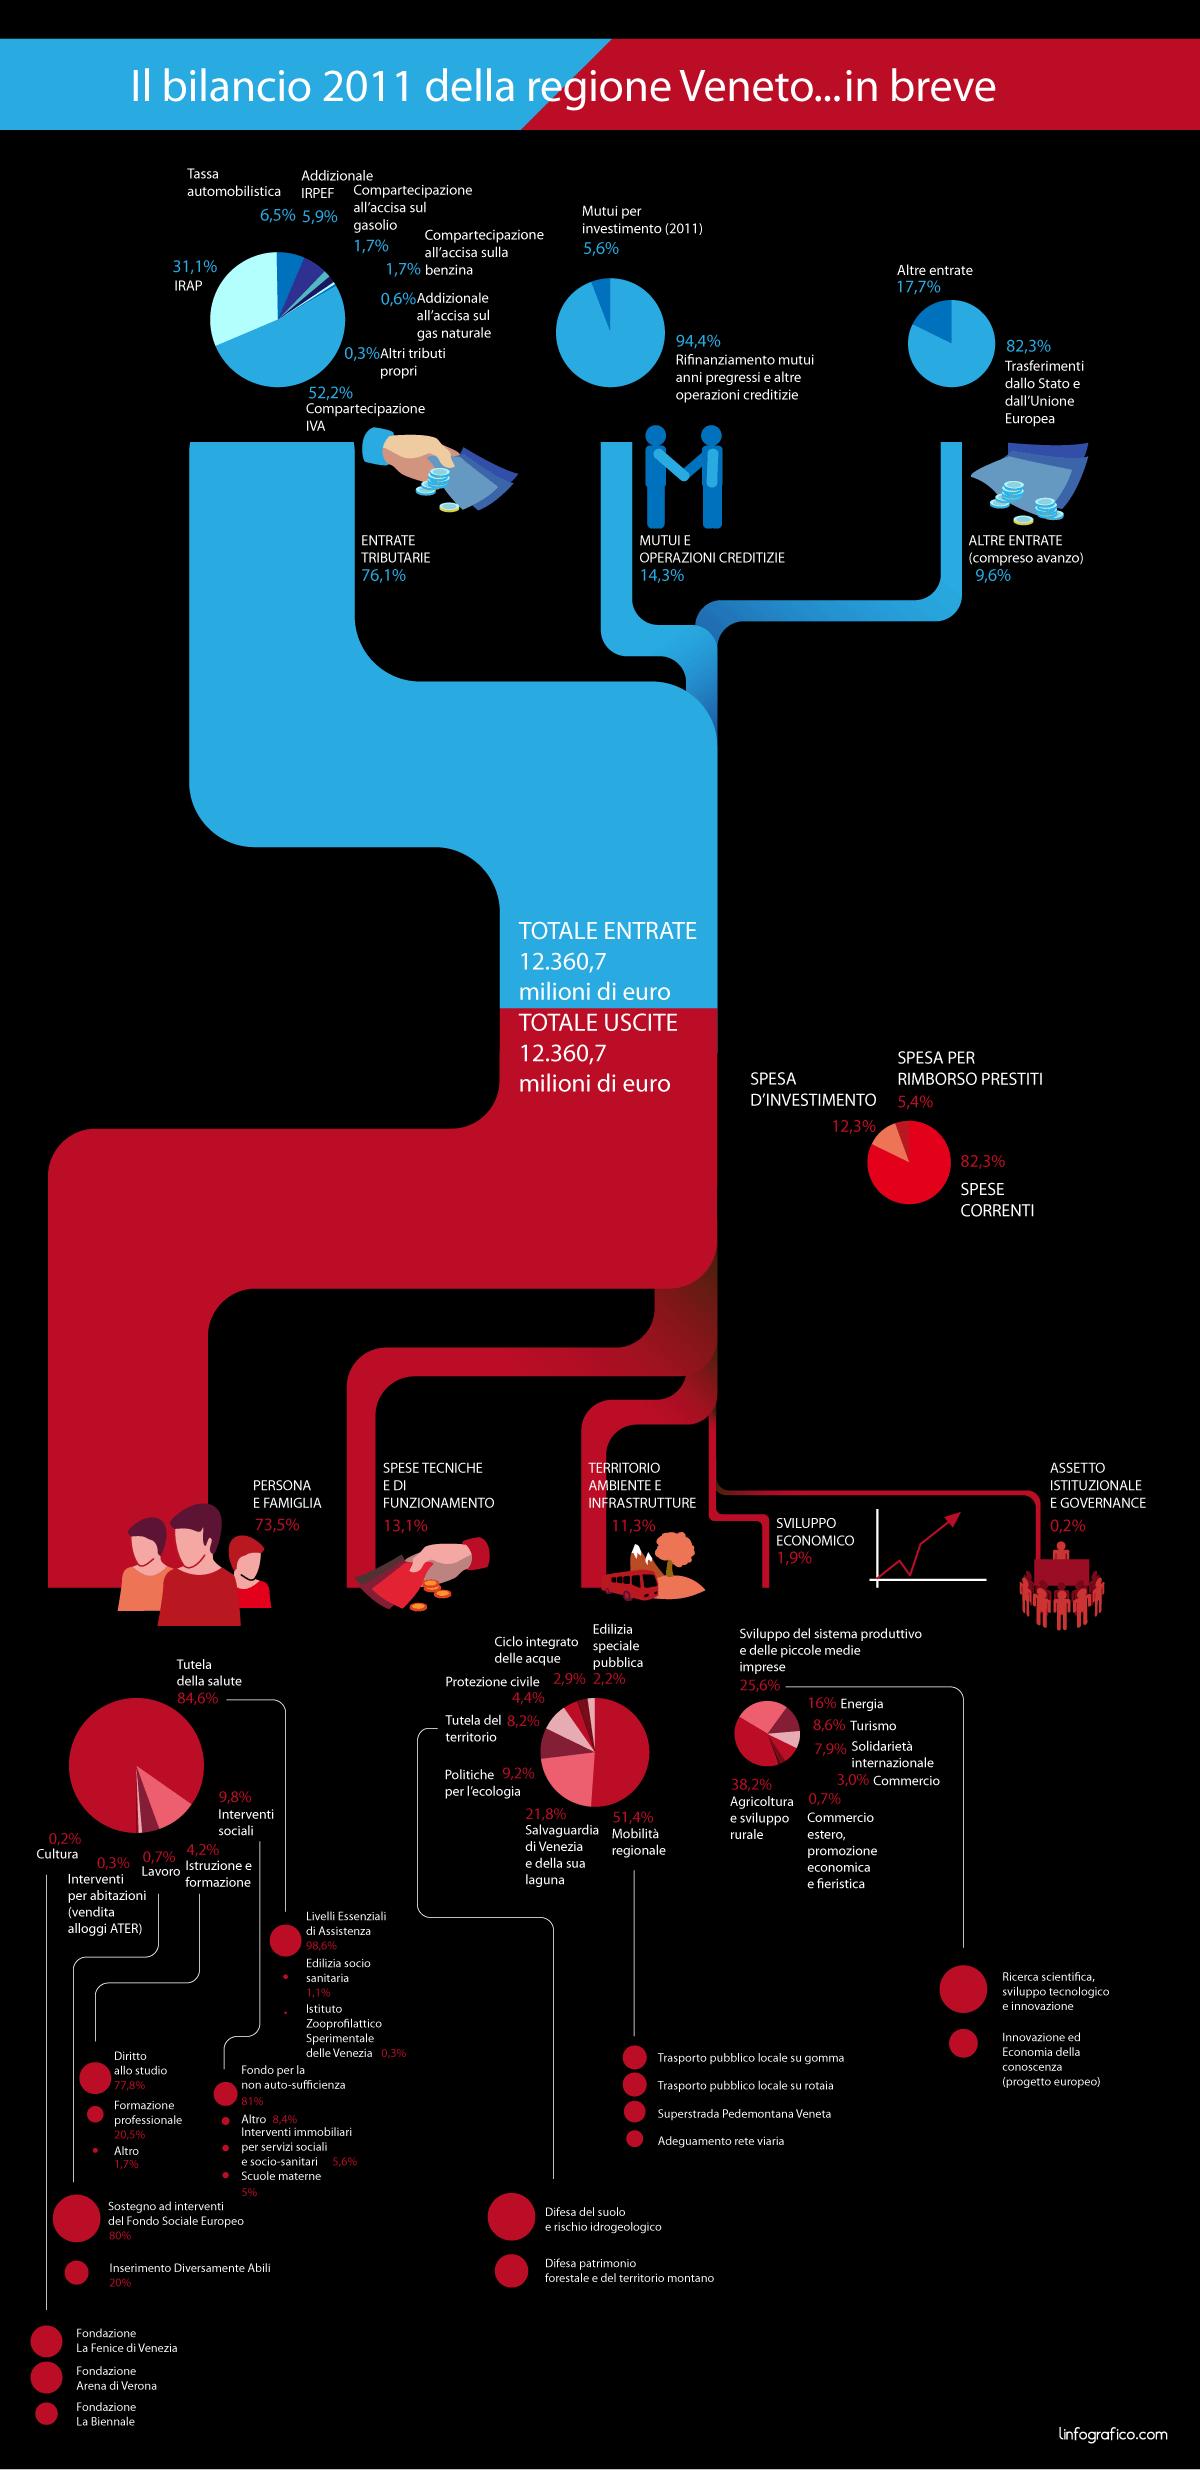 Infografica sul Bilancio 2011 della regione Veneto